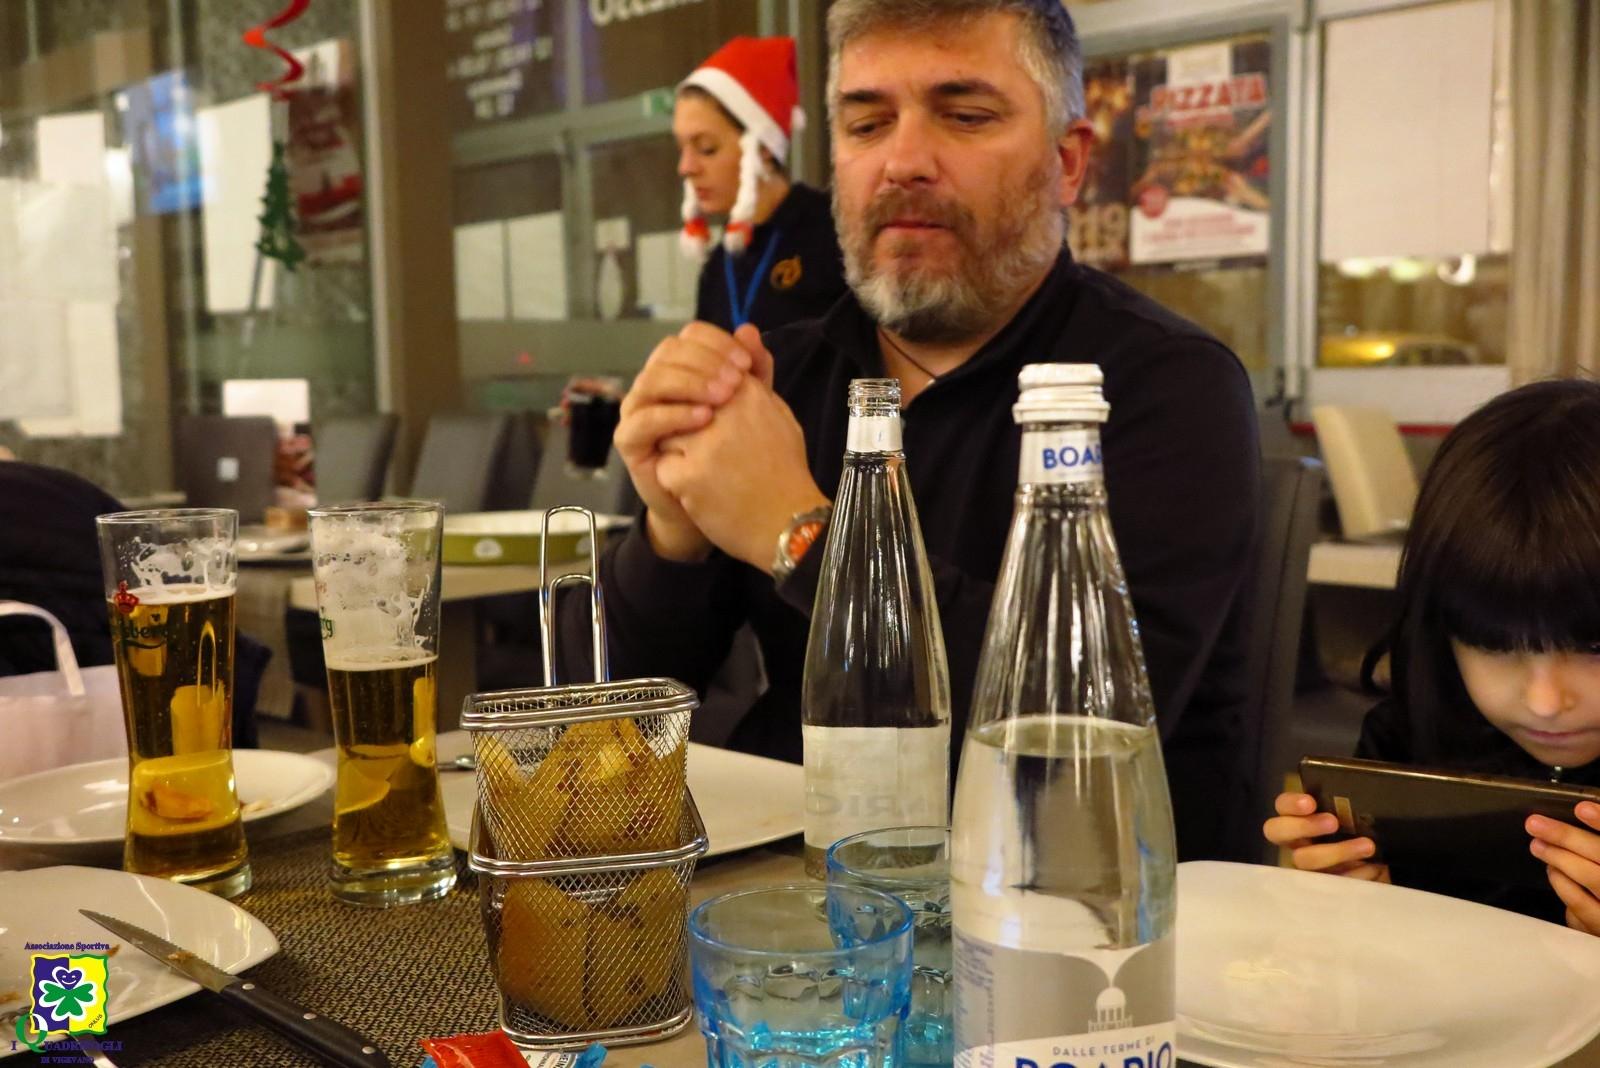 Cena di Natale iquadrifogli 18-12-2018 - 035